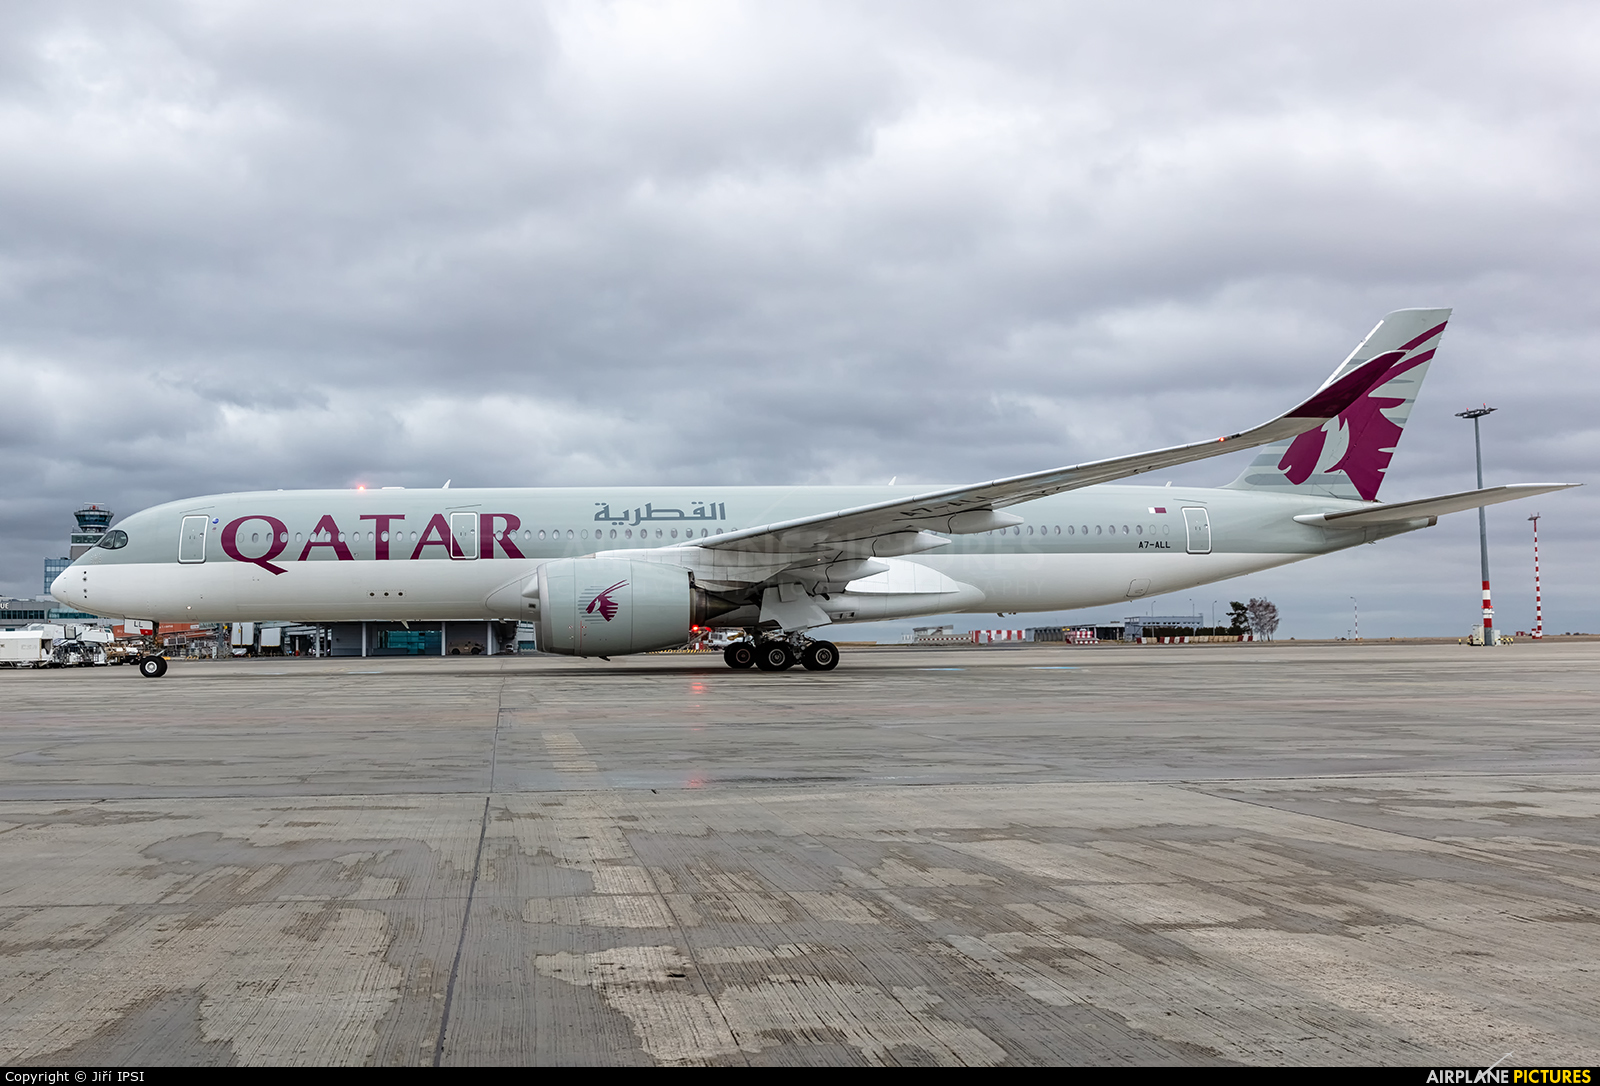 Qatar Airways A7-ALL aircraft at Prague - Václav Havel